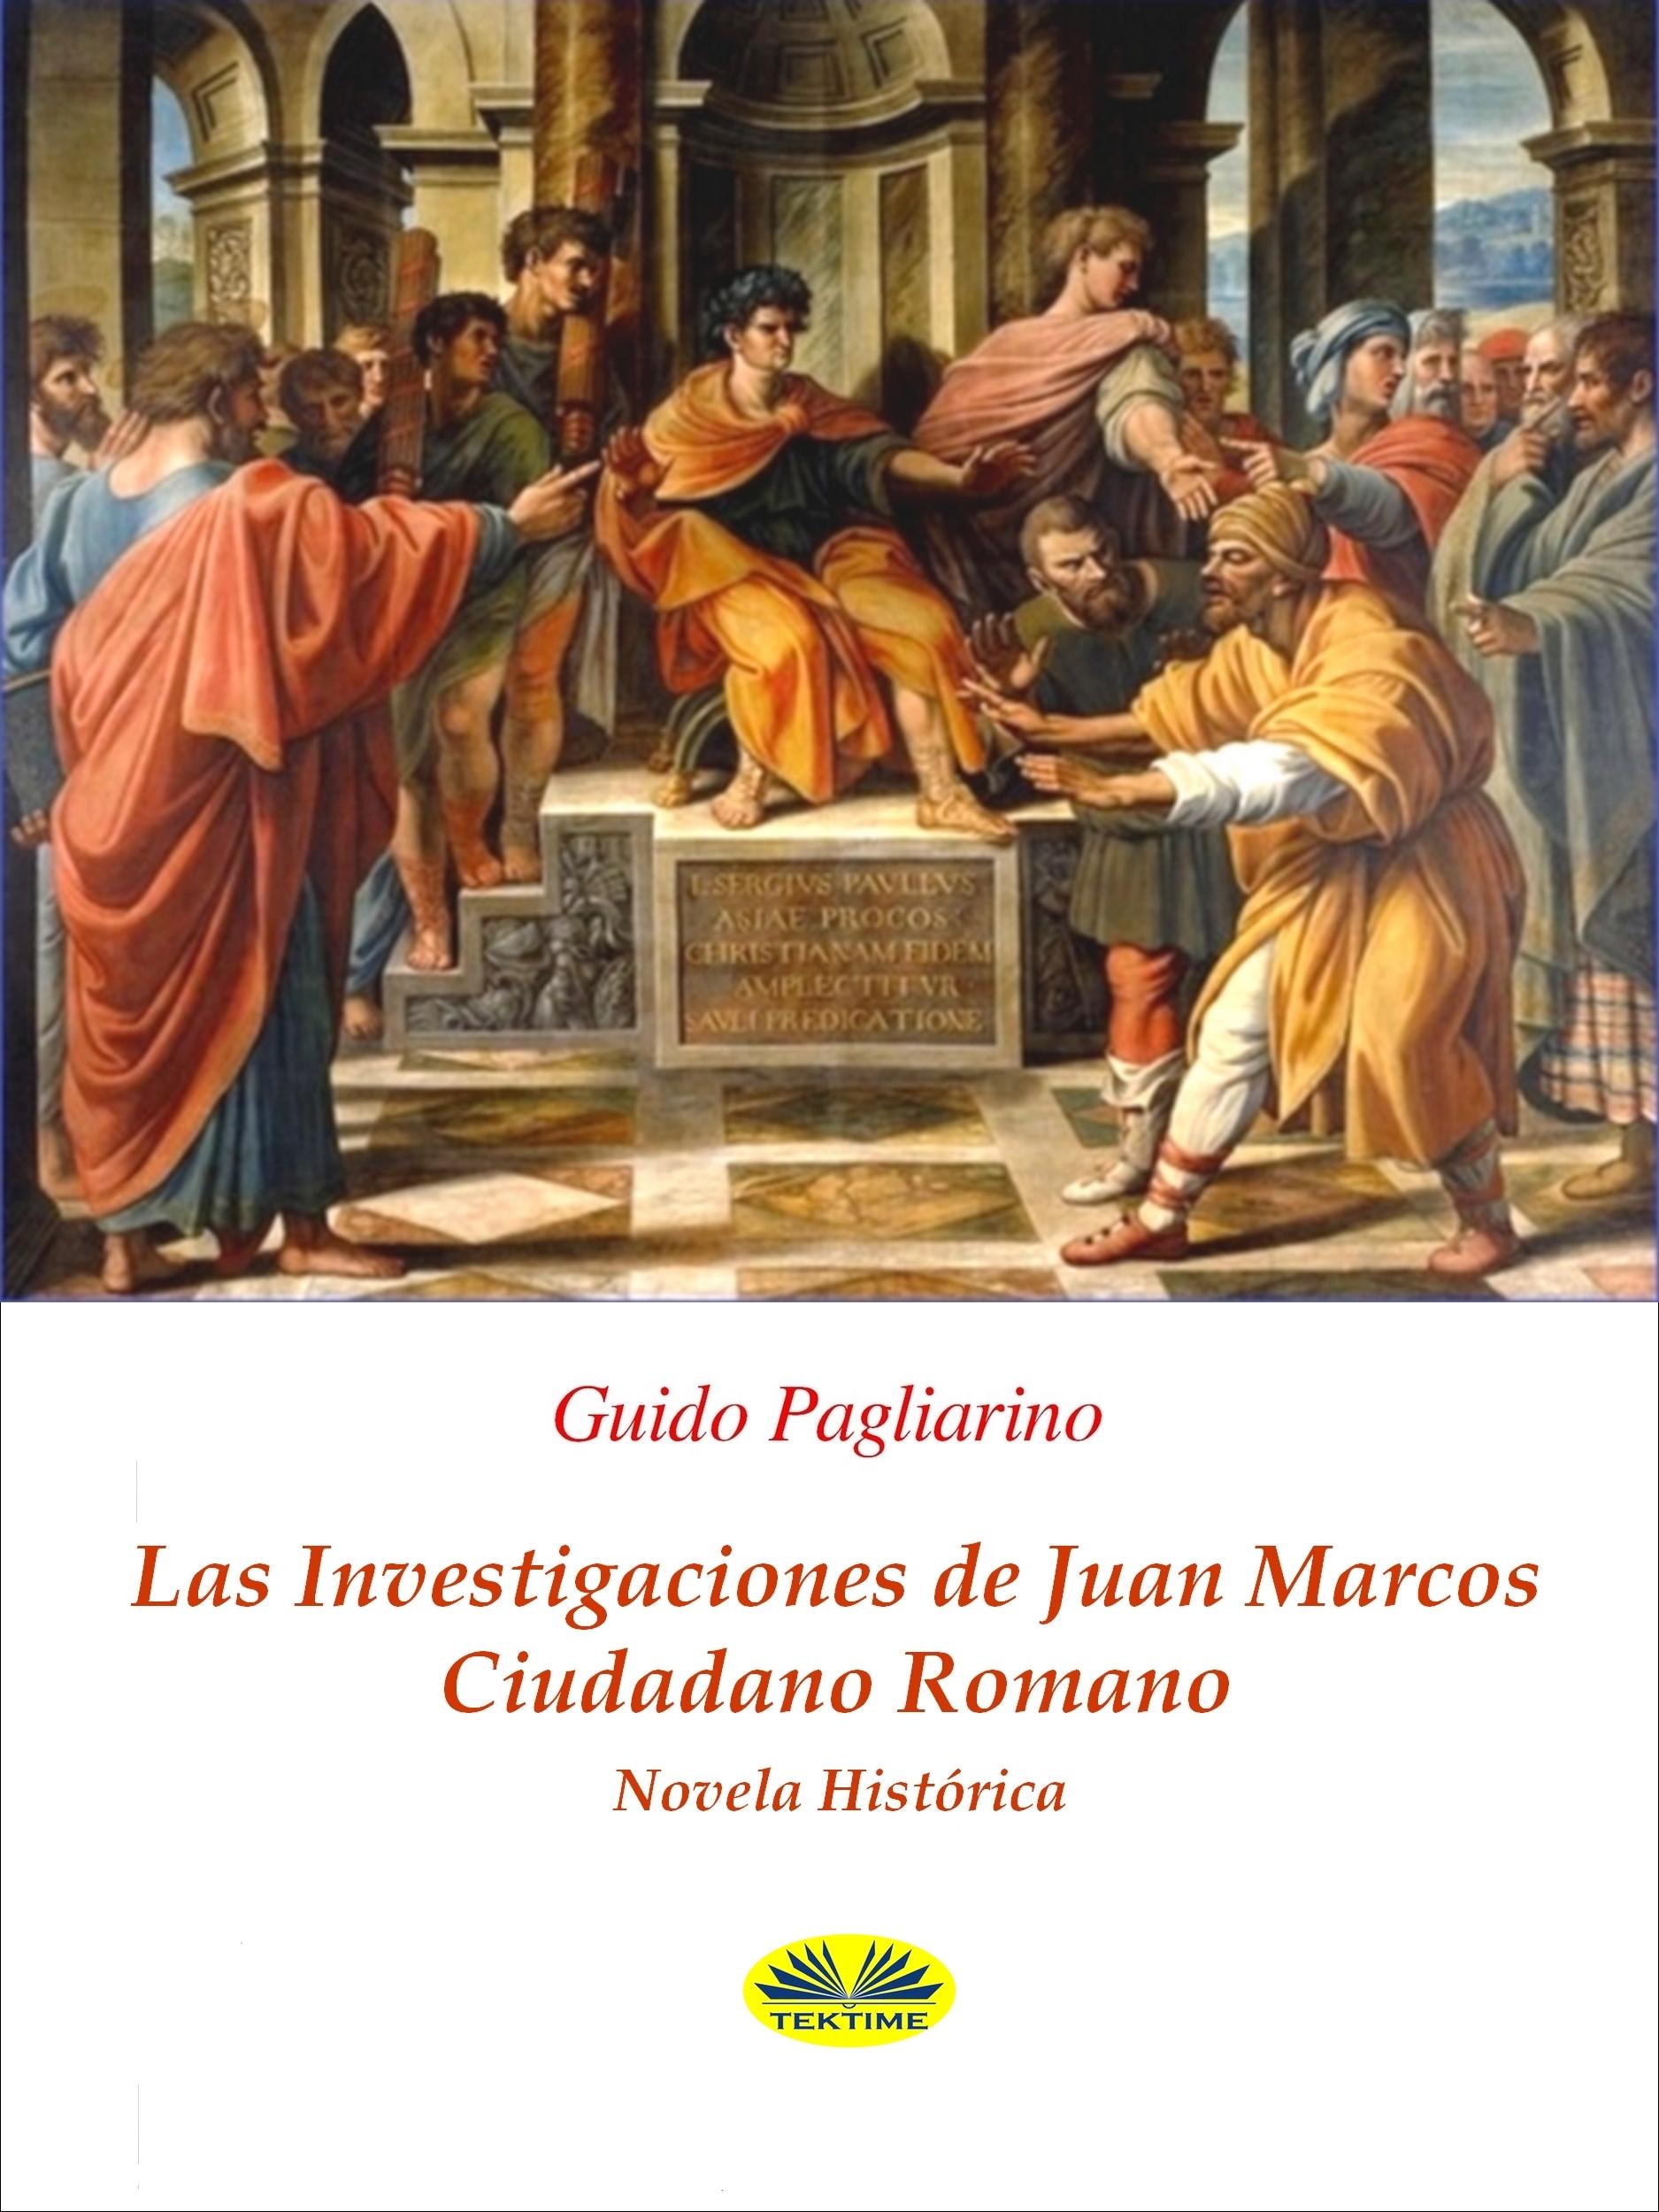 купить Guido Pagliarino Las Investigaciones De Juan Marcos, Ciudadano Romano онлайн